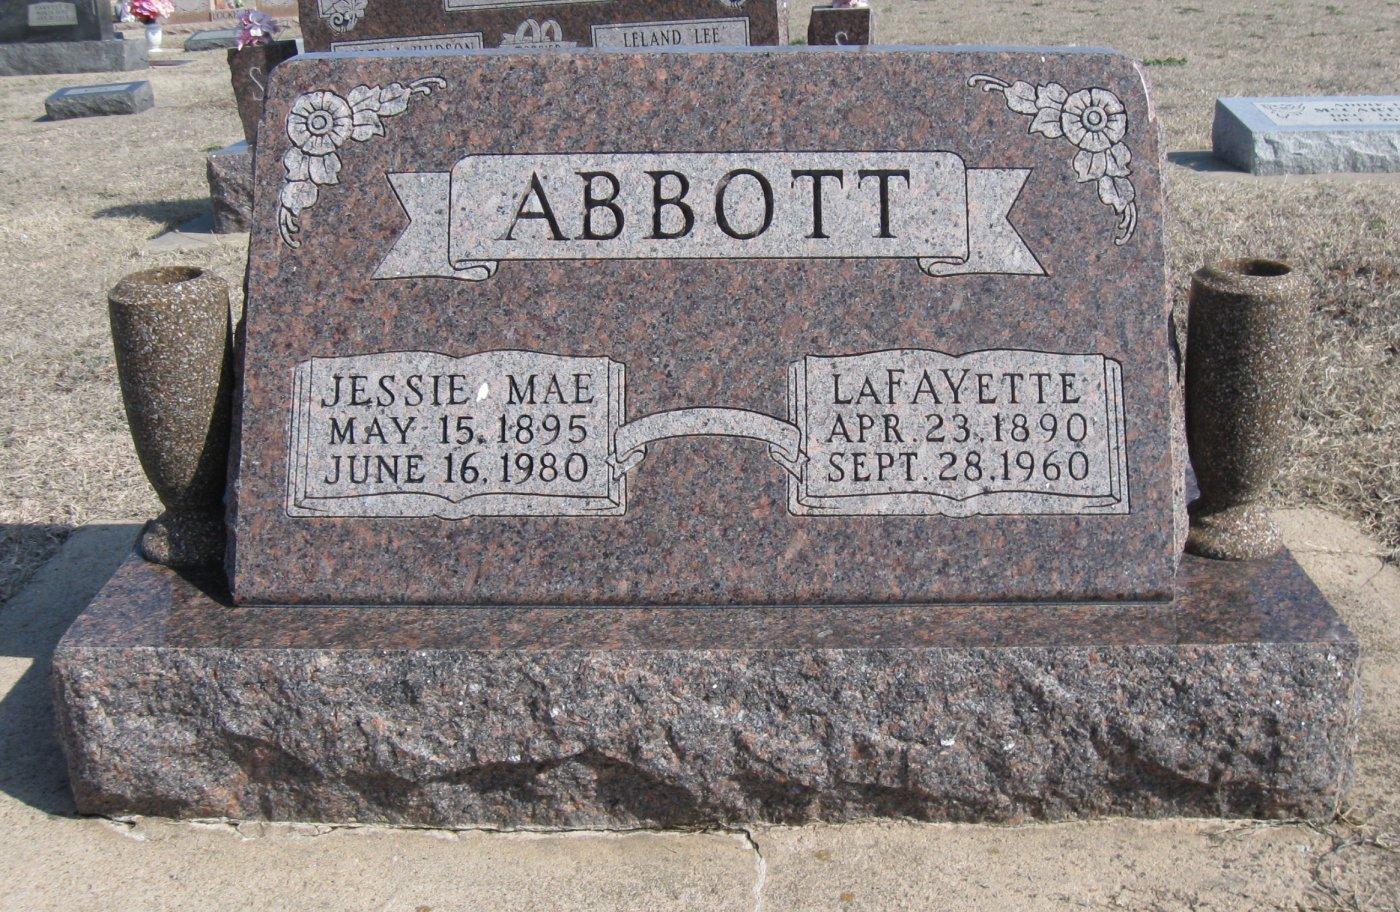 Jessie Mae Abbott